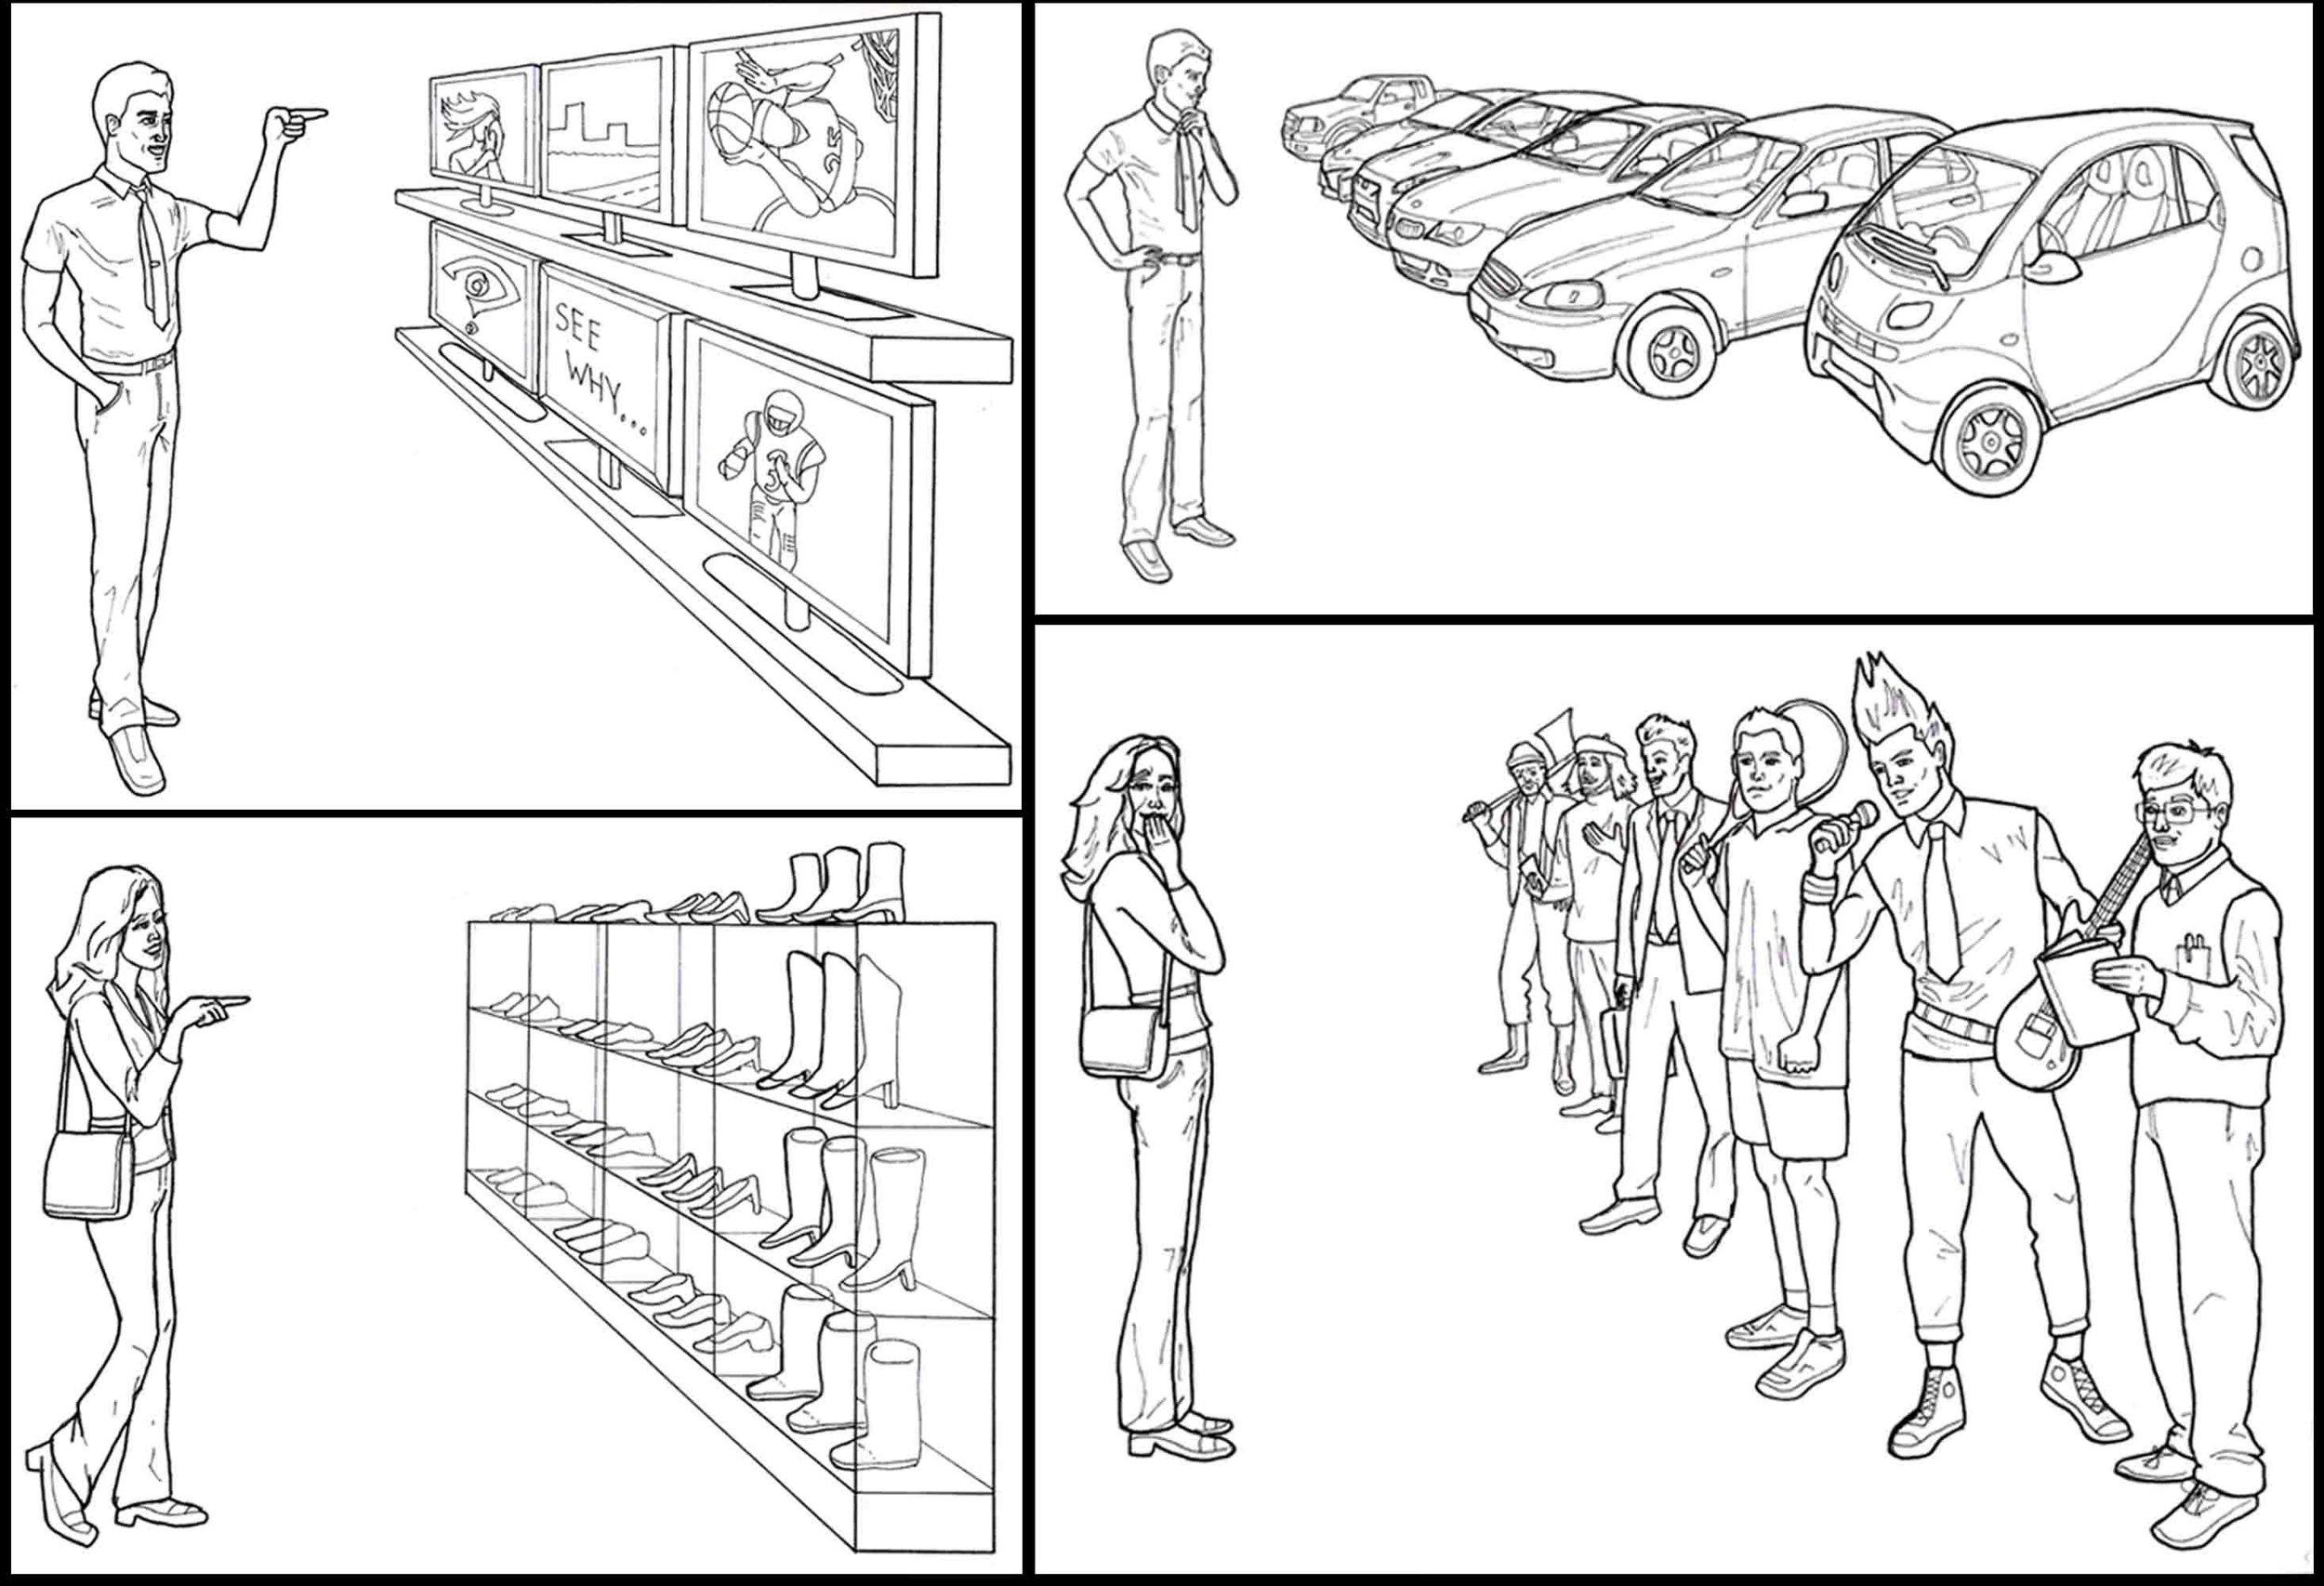 Conquerlove . com advertising illustrations - Decisions